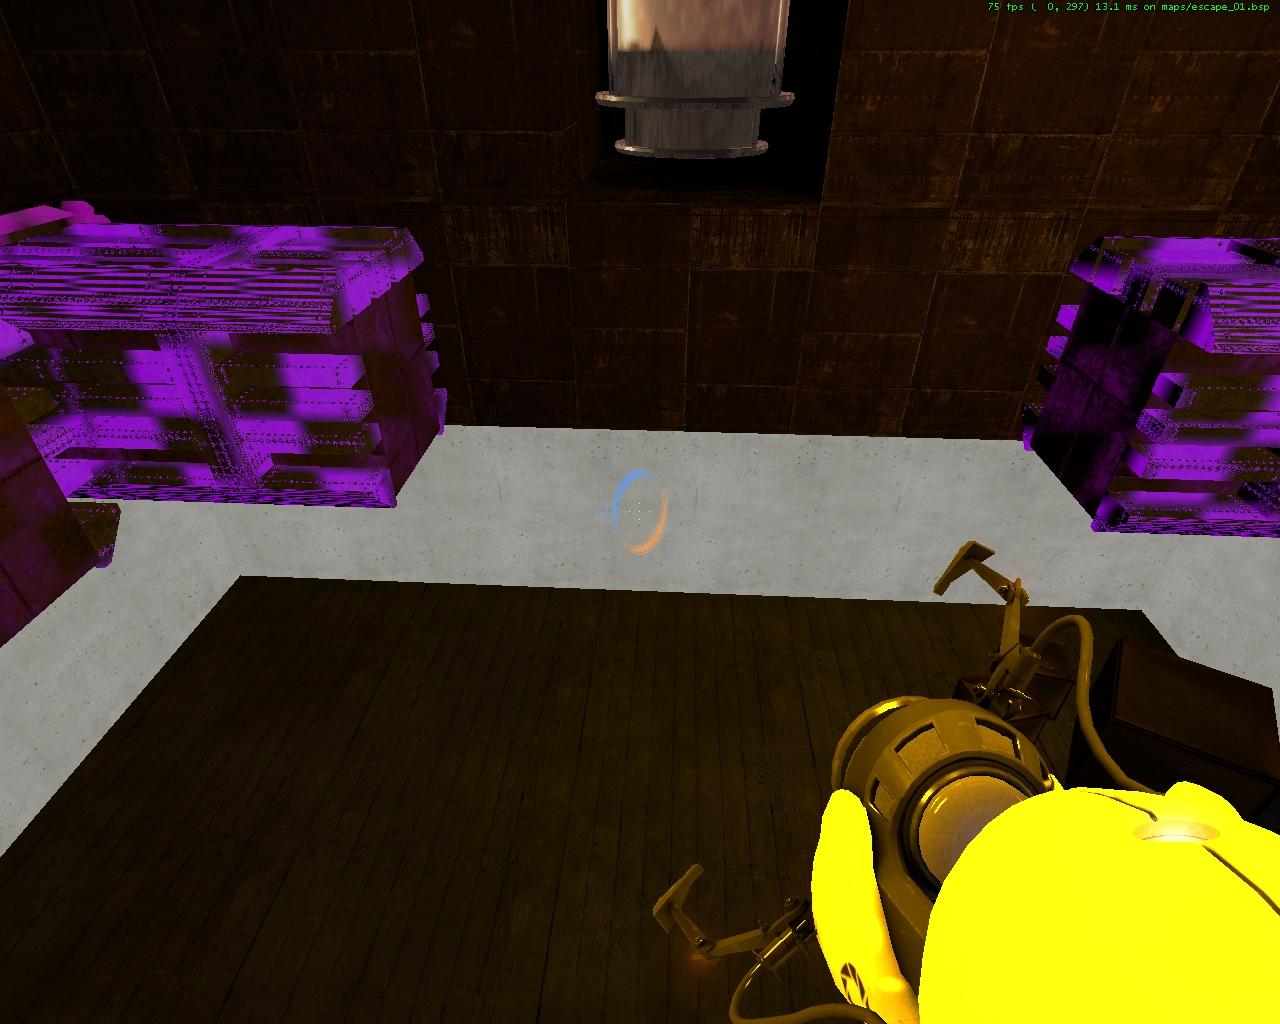 escape_010018.jpg - Portal escape_01, Portal 2006, Portal Beta